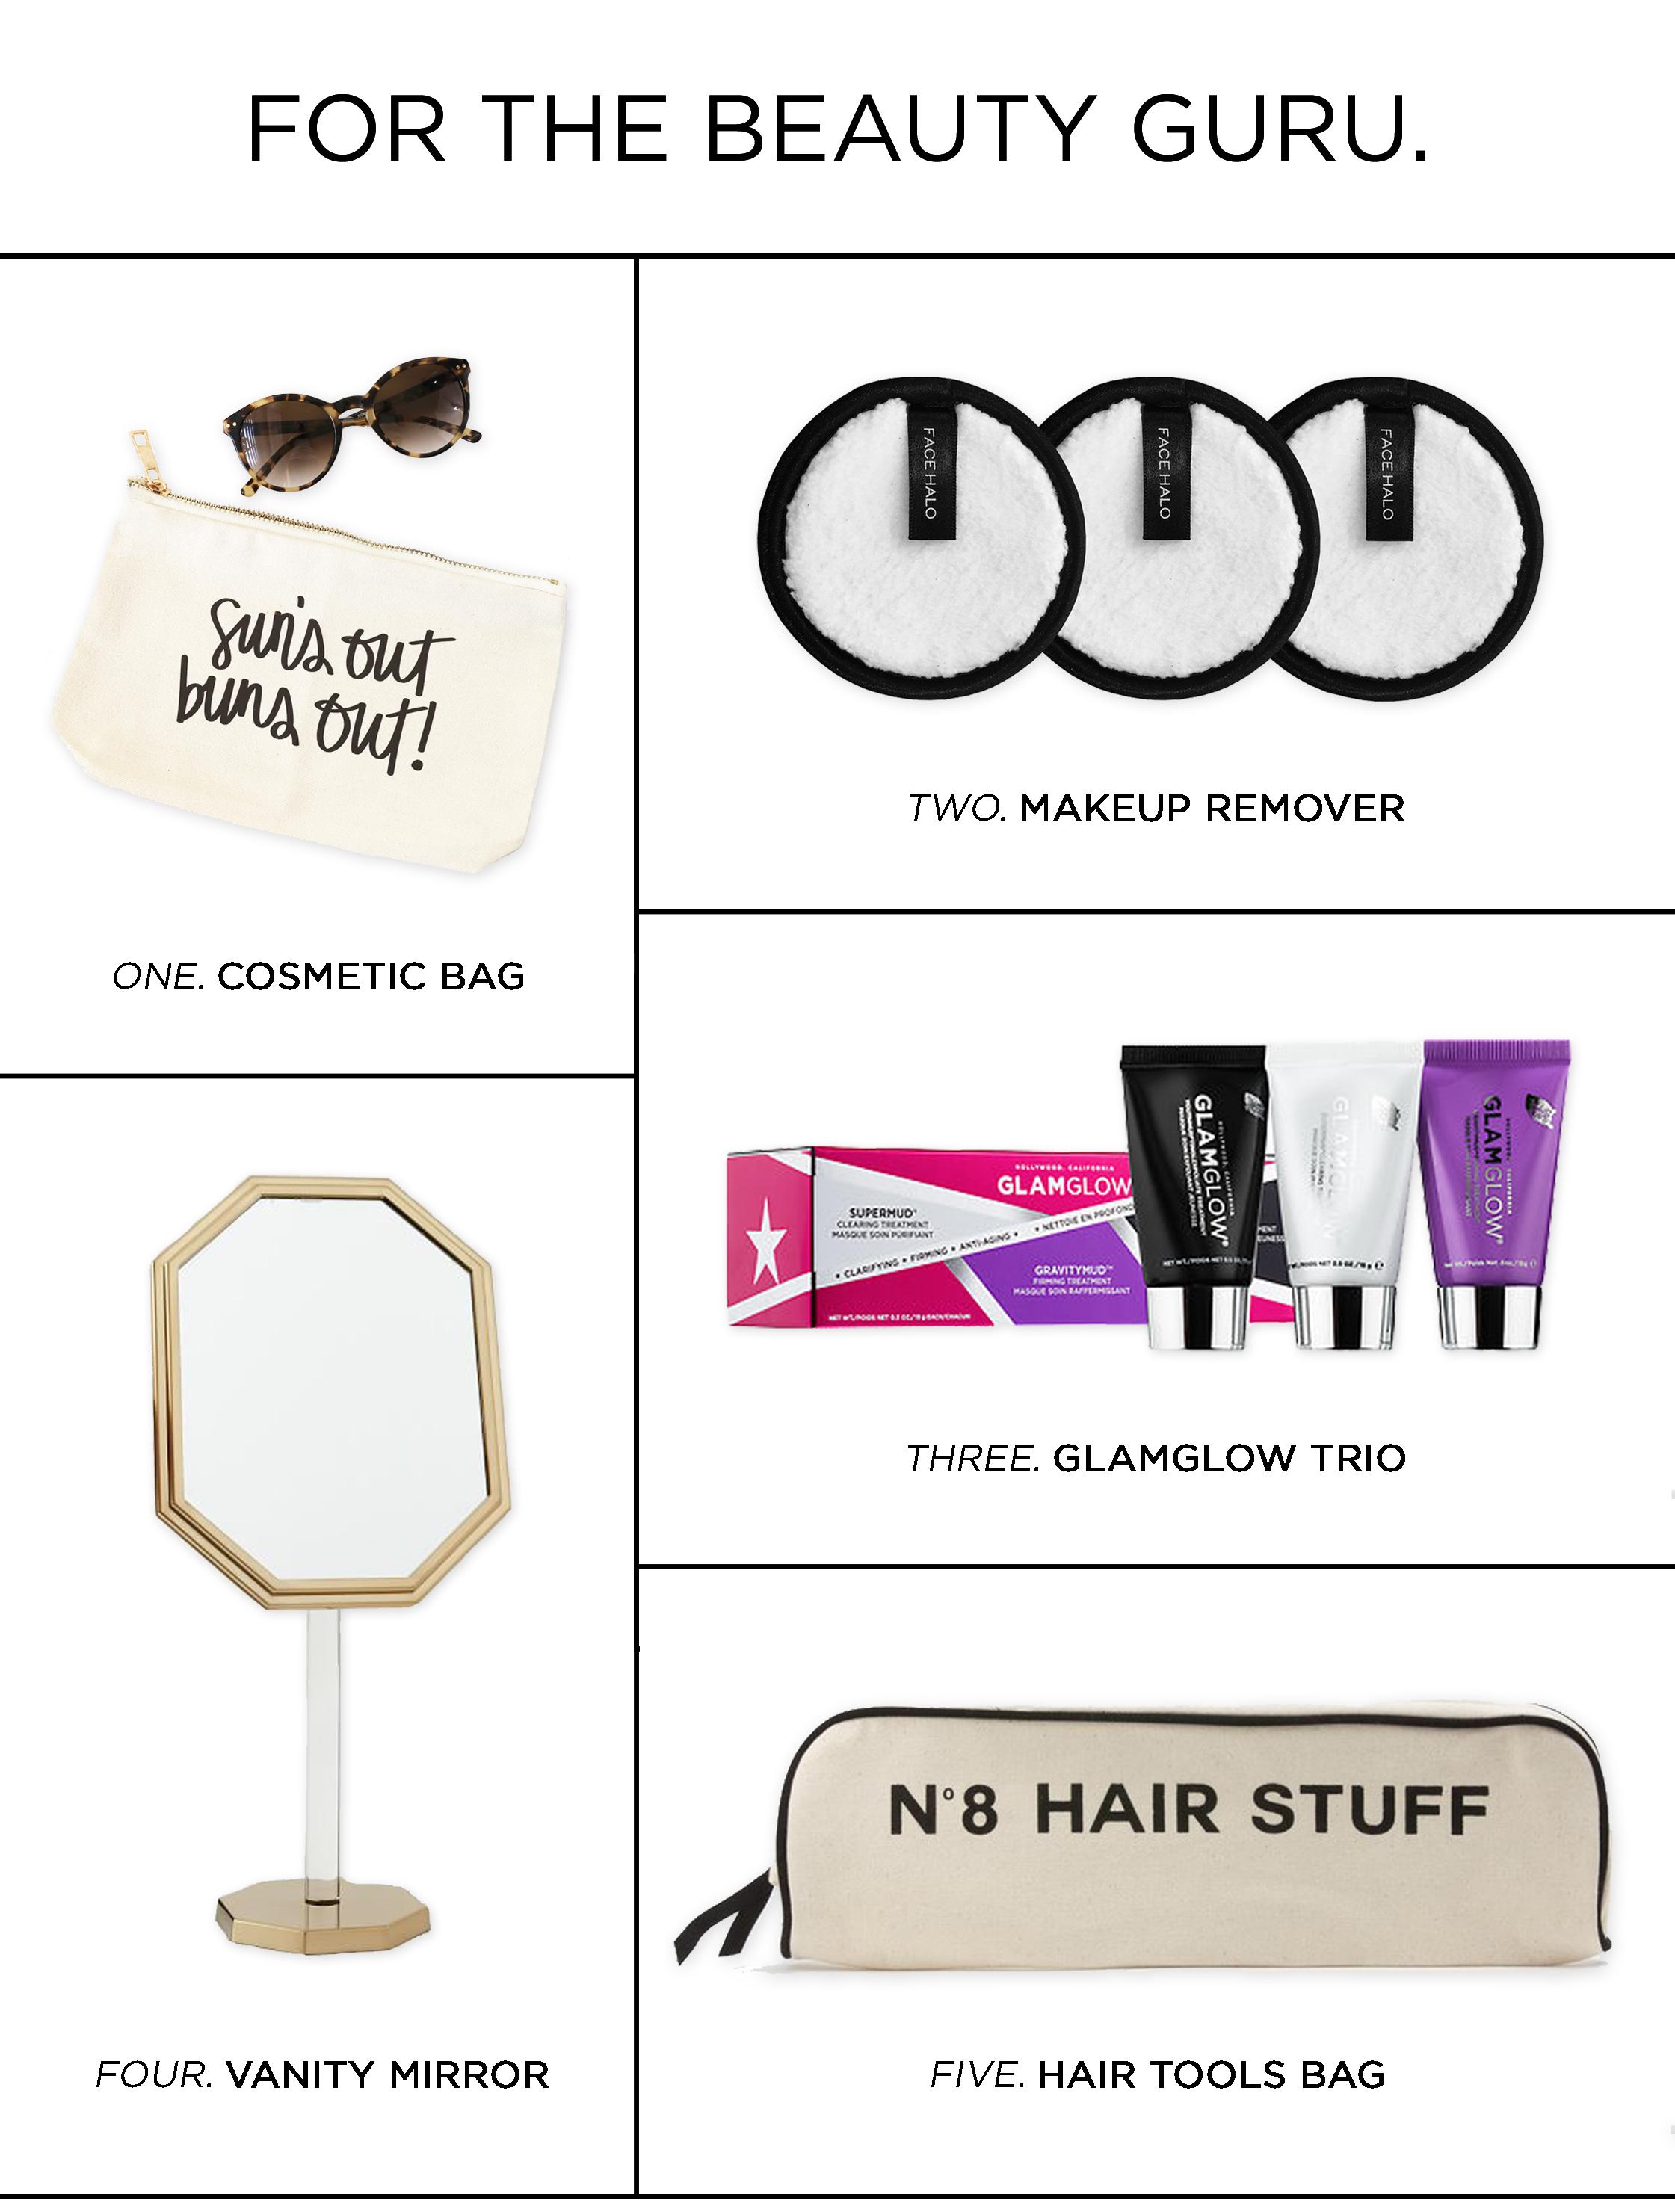 gift-guide-for-the-beauty-guru.jpg